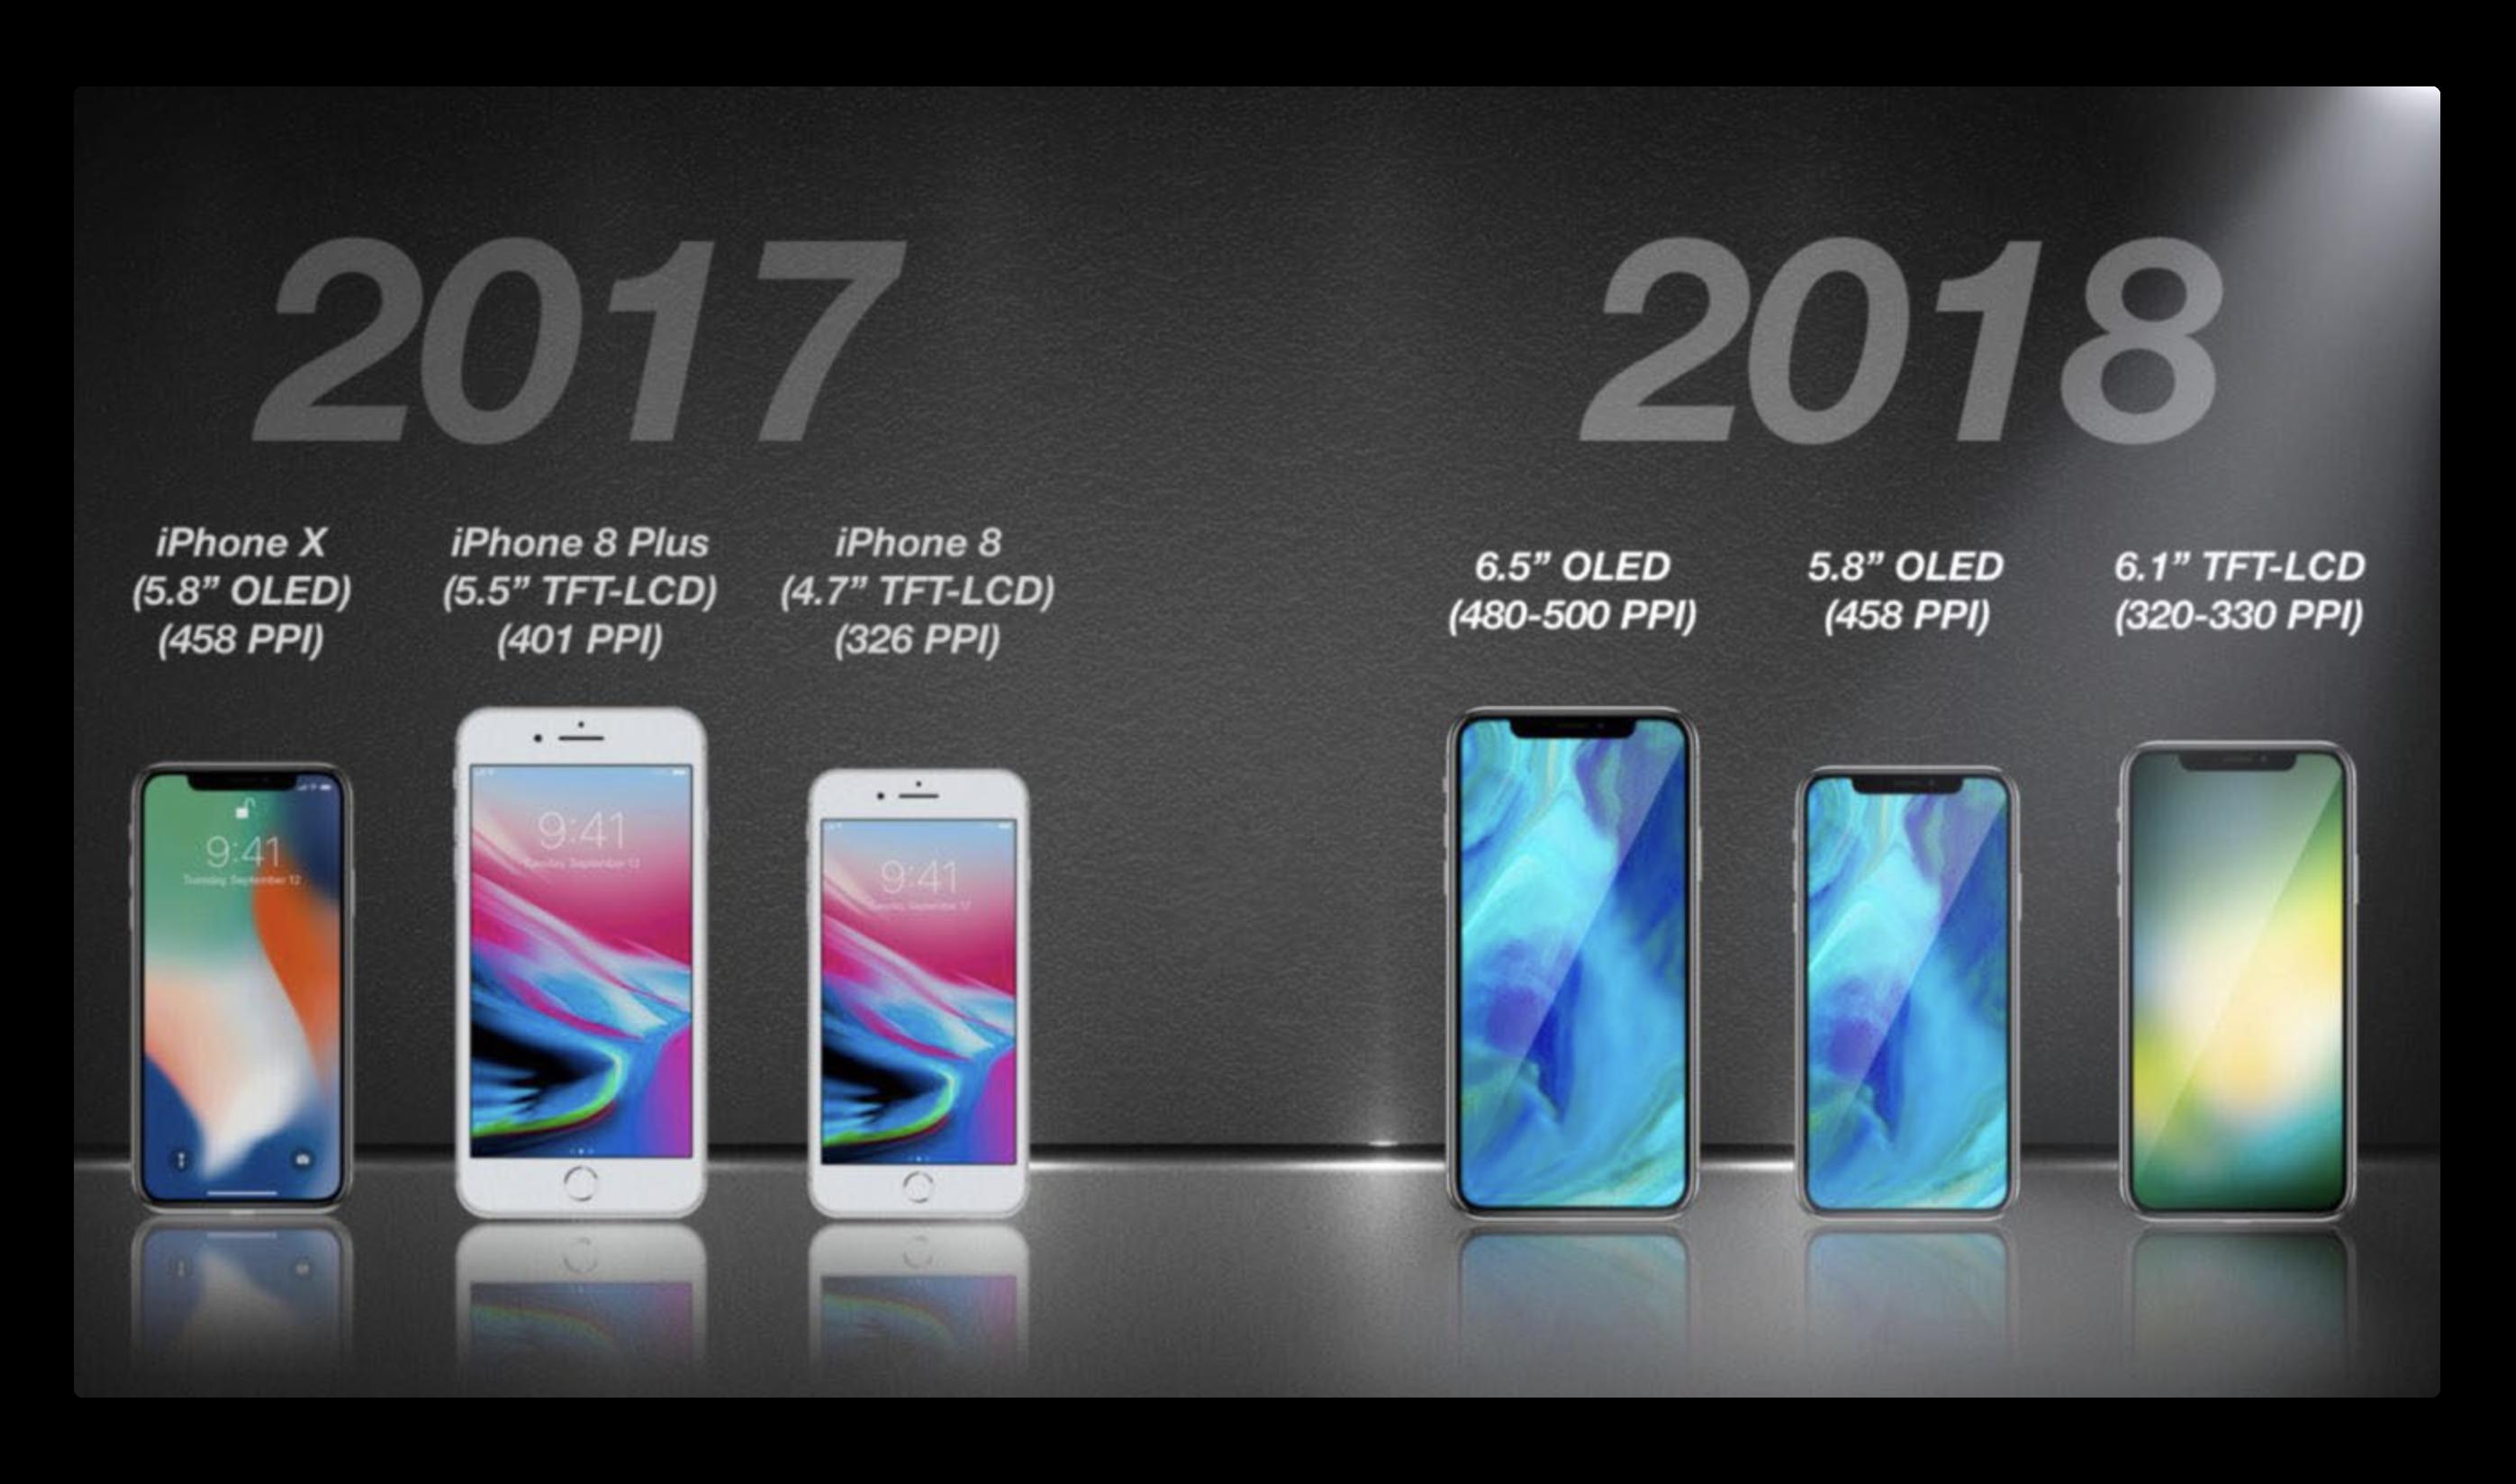 米国のiPoneユーザーでは、2017年にアプリ内購入が前年比23%増加